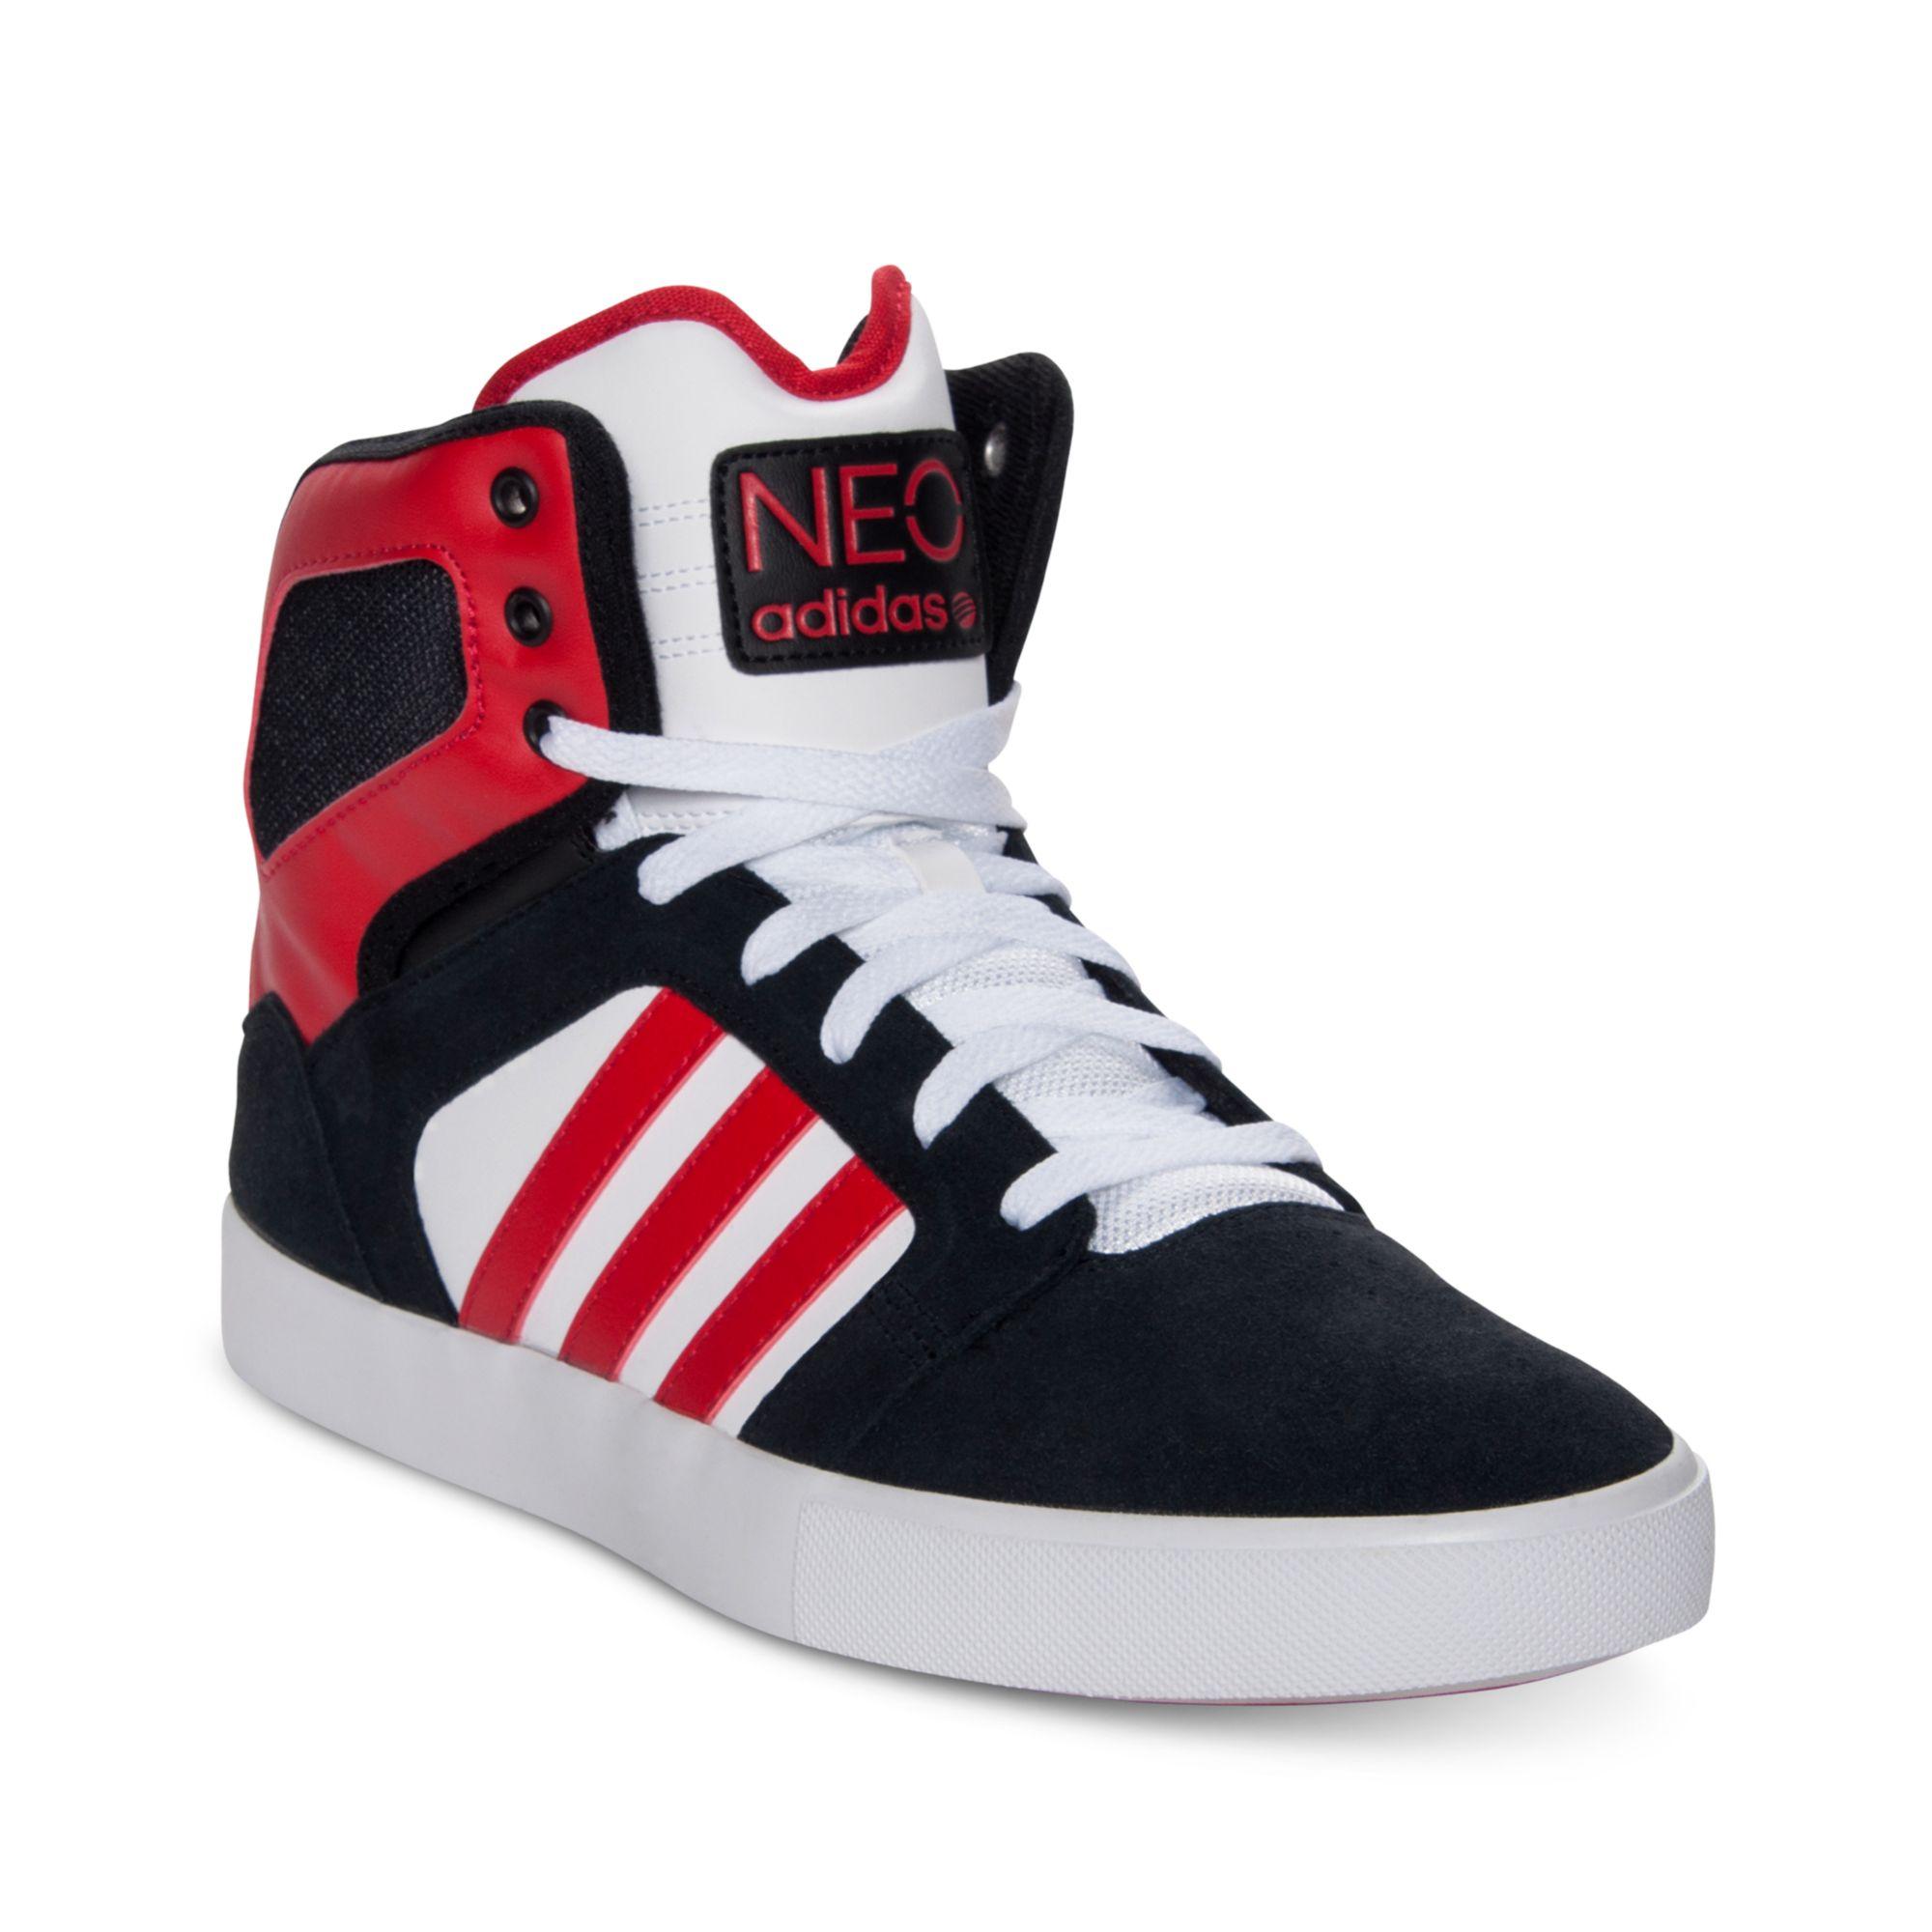 Lyst adidas bbneo classico casual scarpe in rosso per gli uomini.